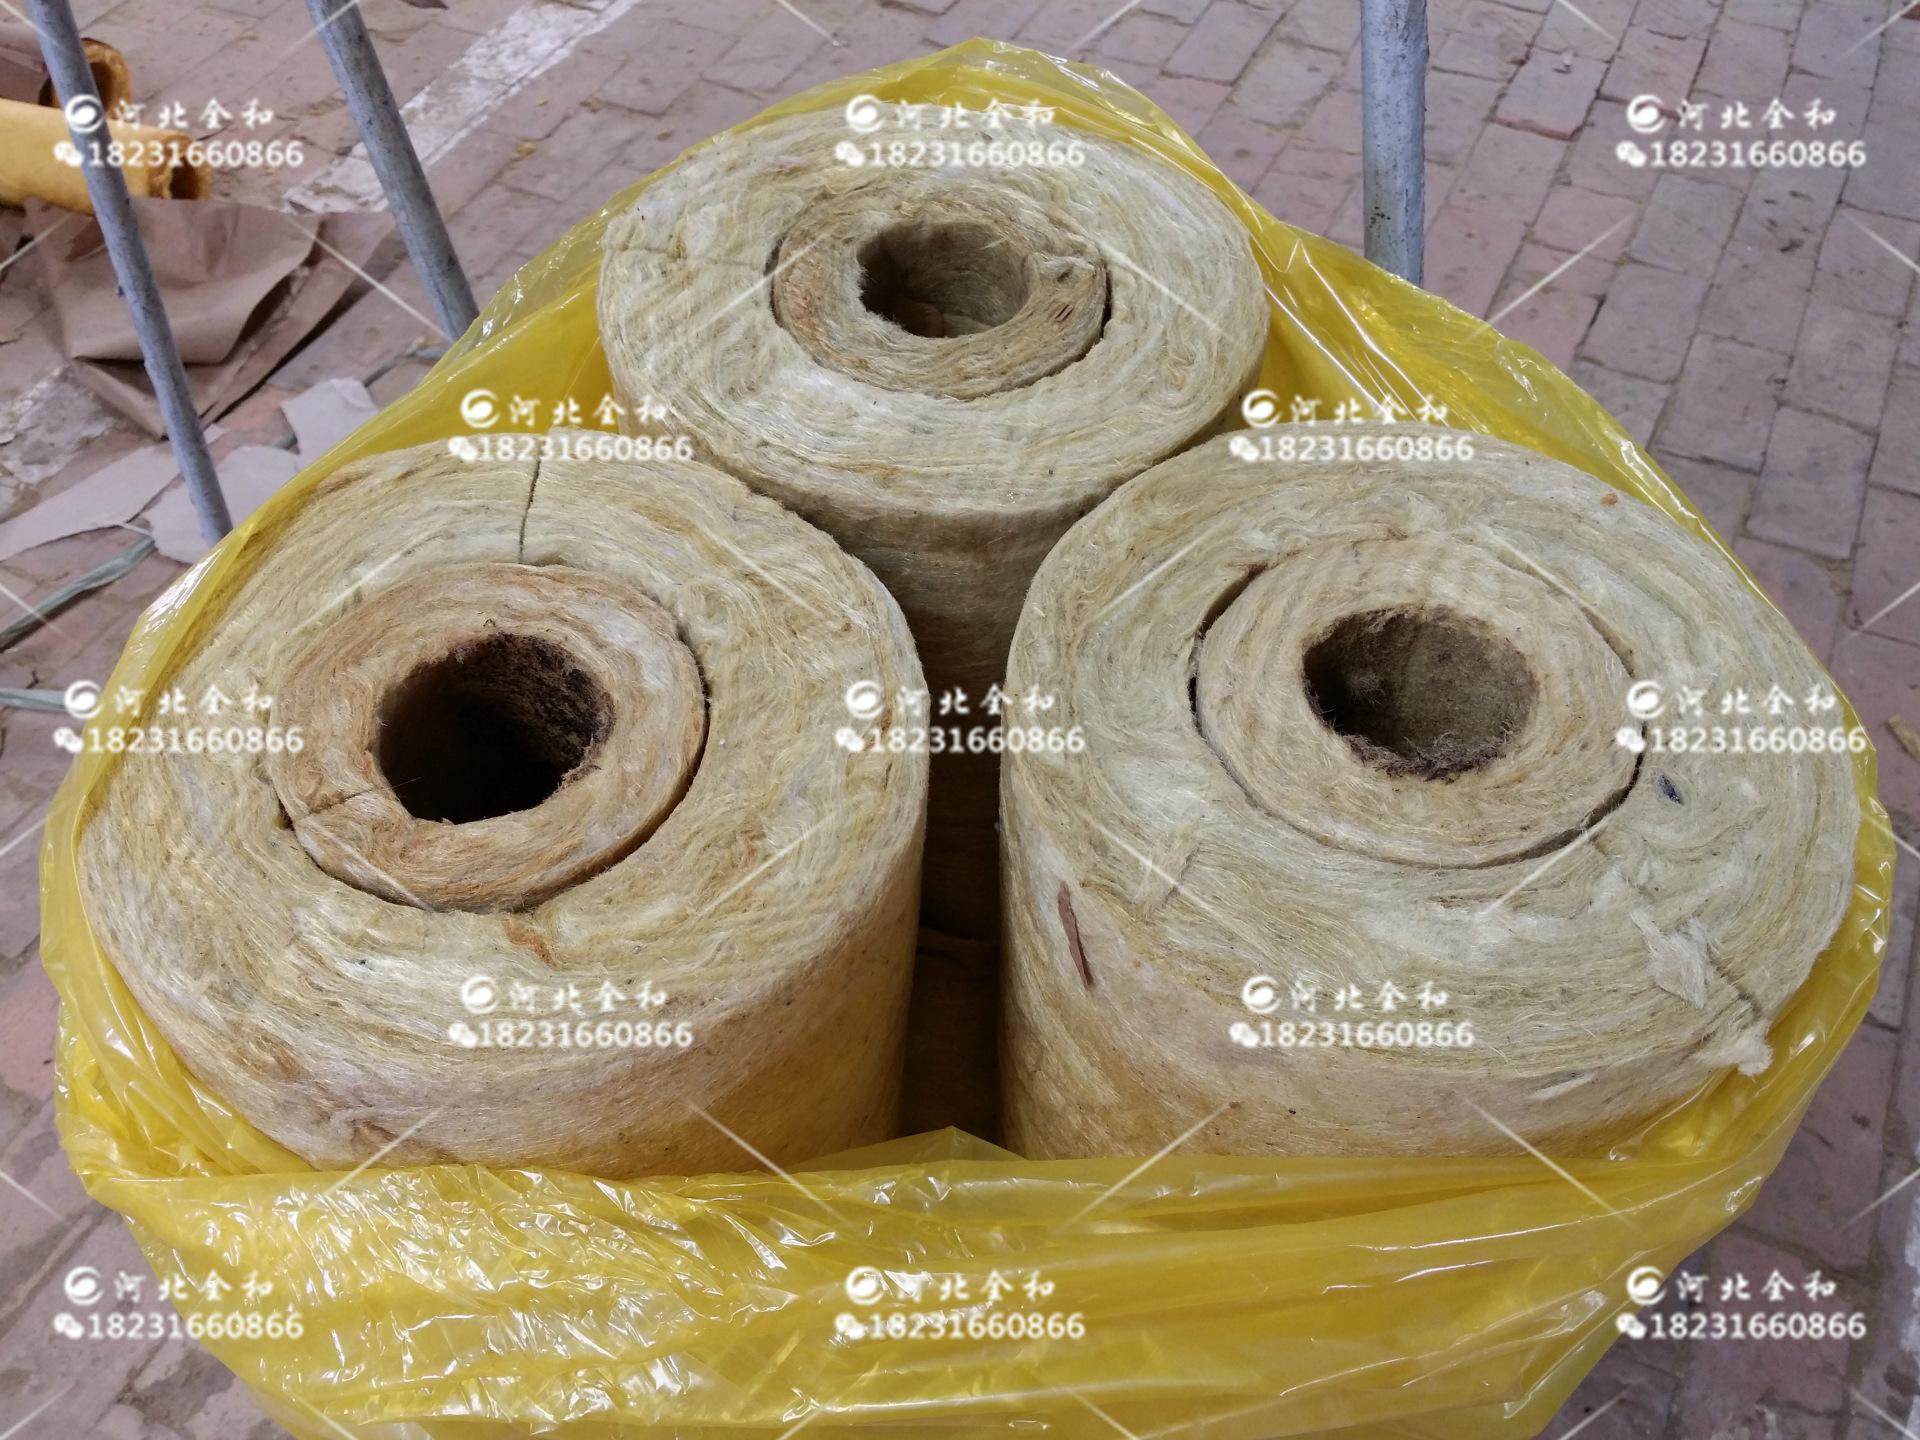 防火纯铝铝箔贴面岩棉管|W38贴面岩棉管|黑色铝箔贴面岩棉管图片